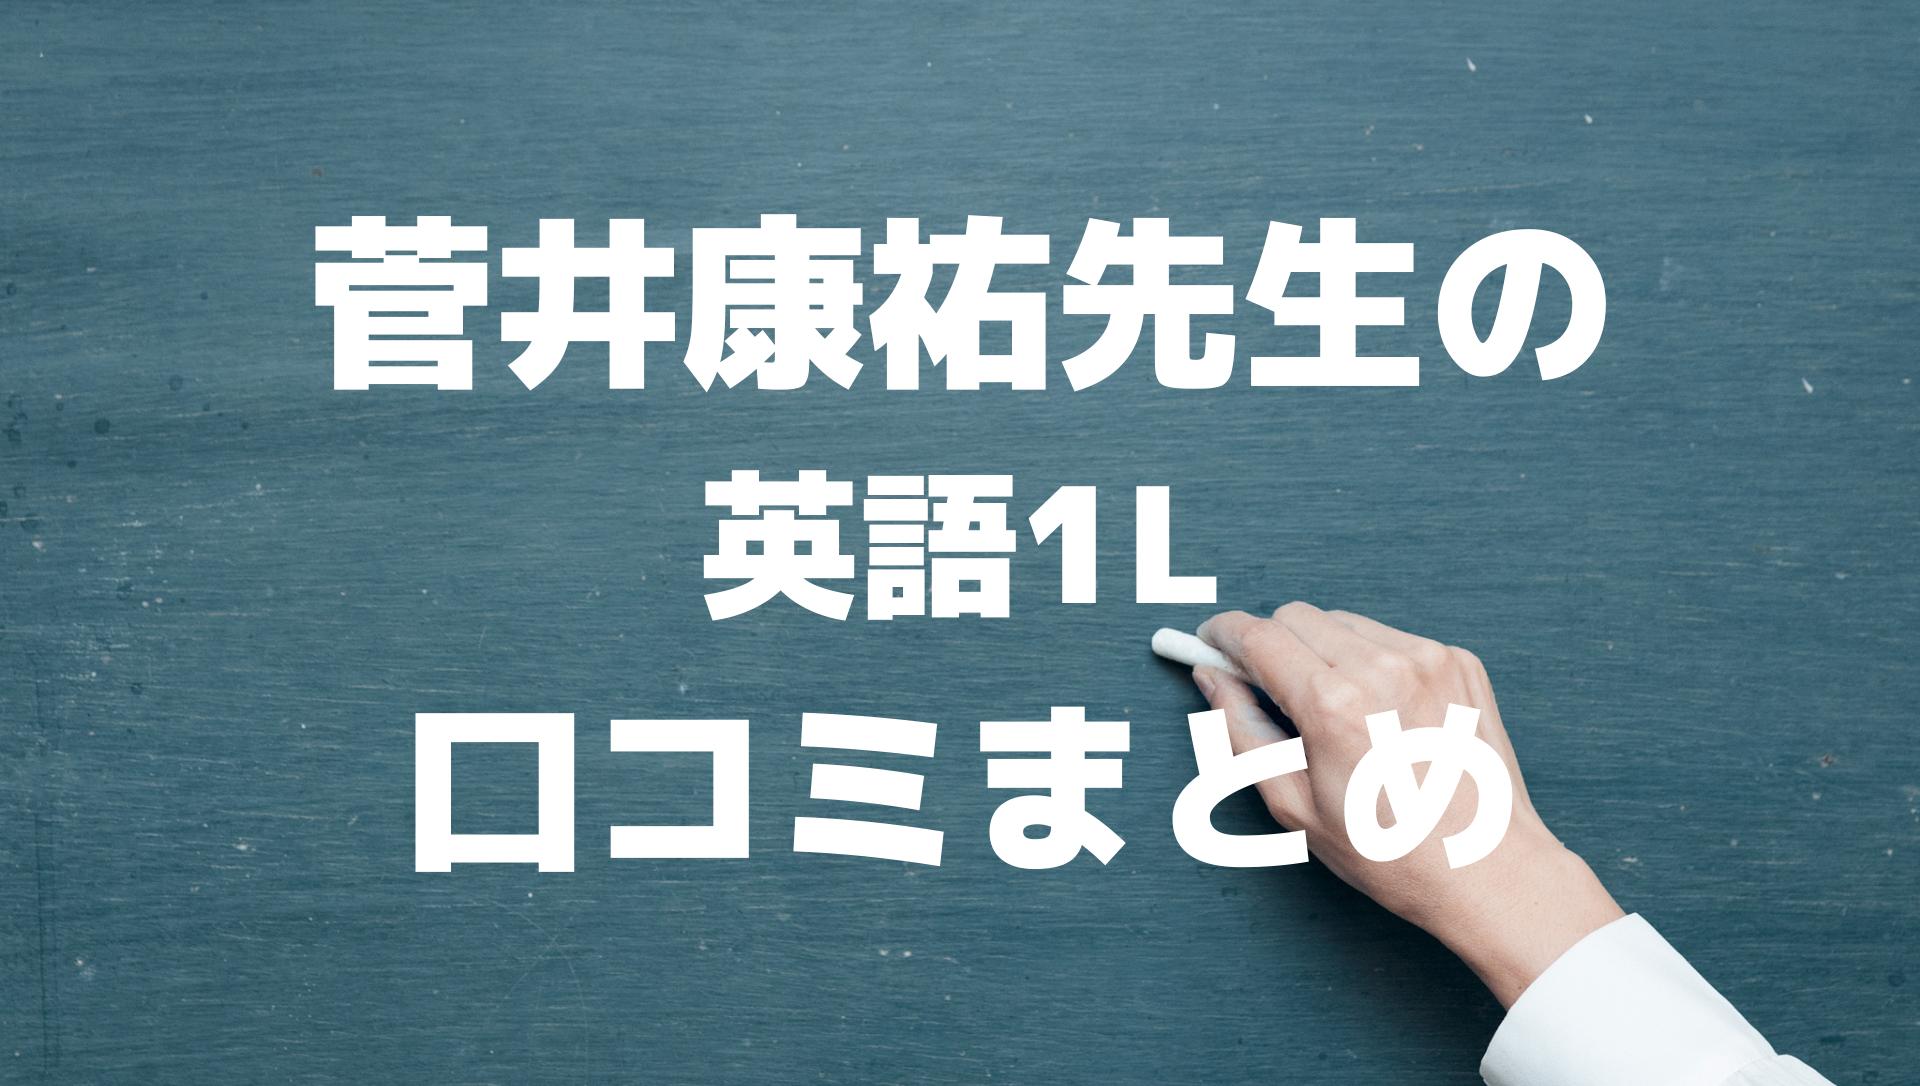 菅井康祐先生の英語1L